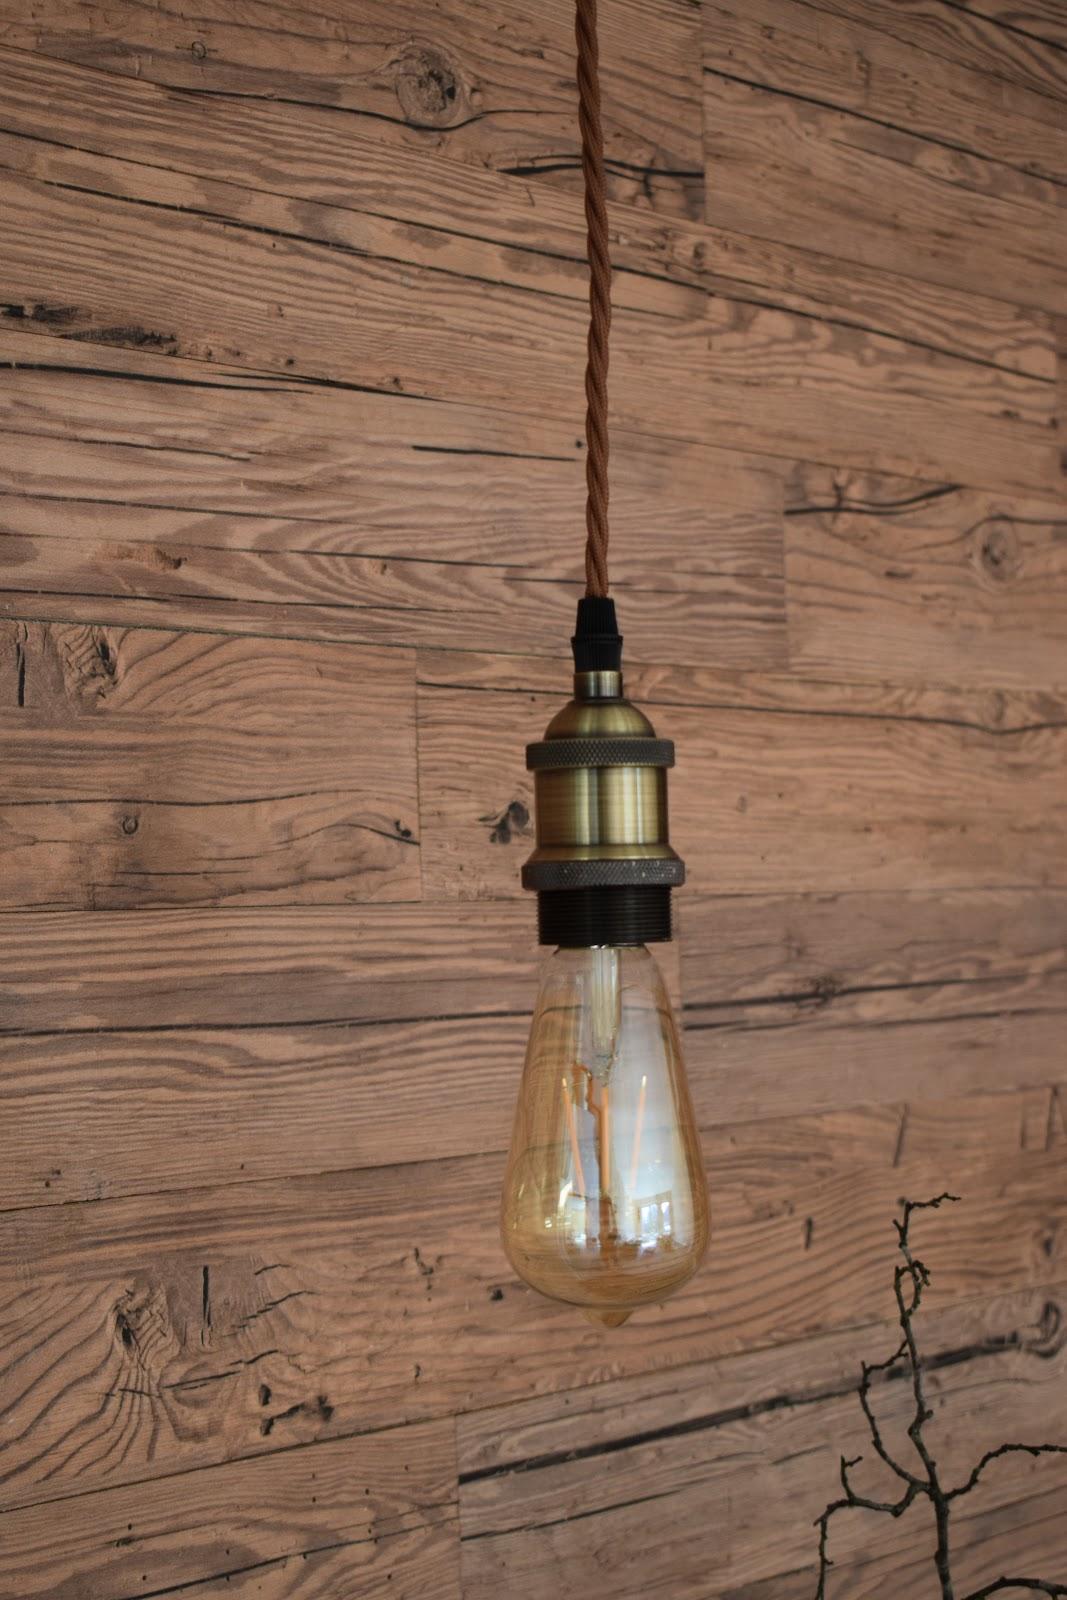 Lampe Vintage Stoffkabel Edison Glühbirne Deko Dekoidee Leuchte